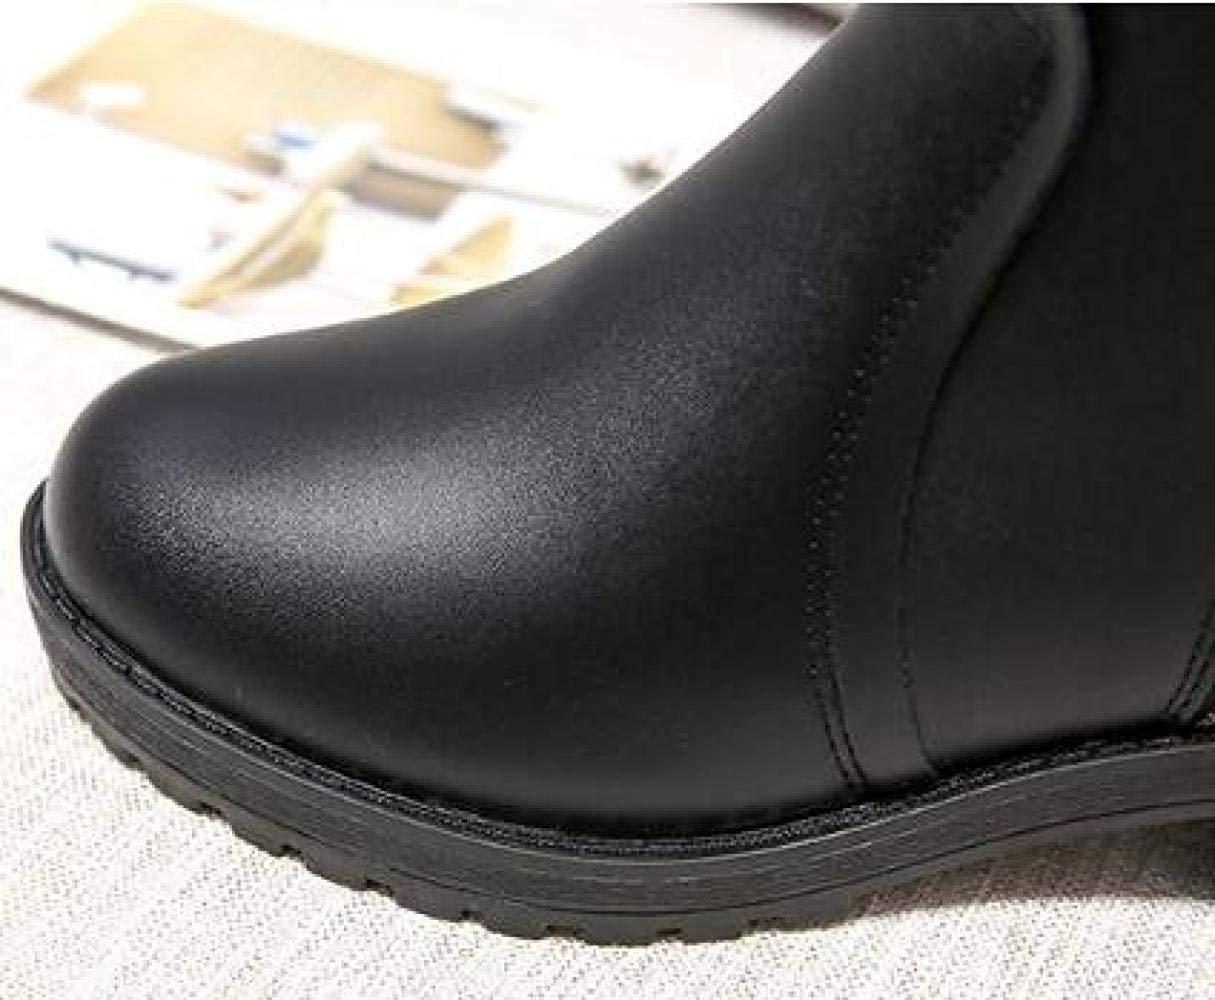 ZHRUI Weibliche Und Herbst Und Weibliche Winter Dicke Leder Reißverschluss Stiefel Baumwolle Schuhe (Farbe   1, Größe   35EU) 20307c